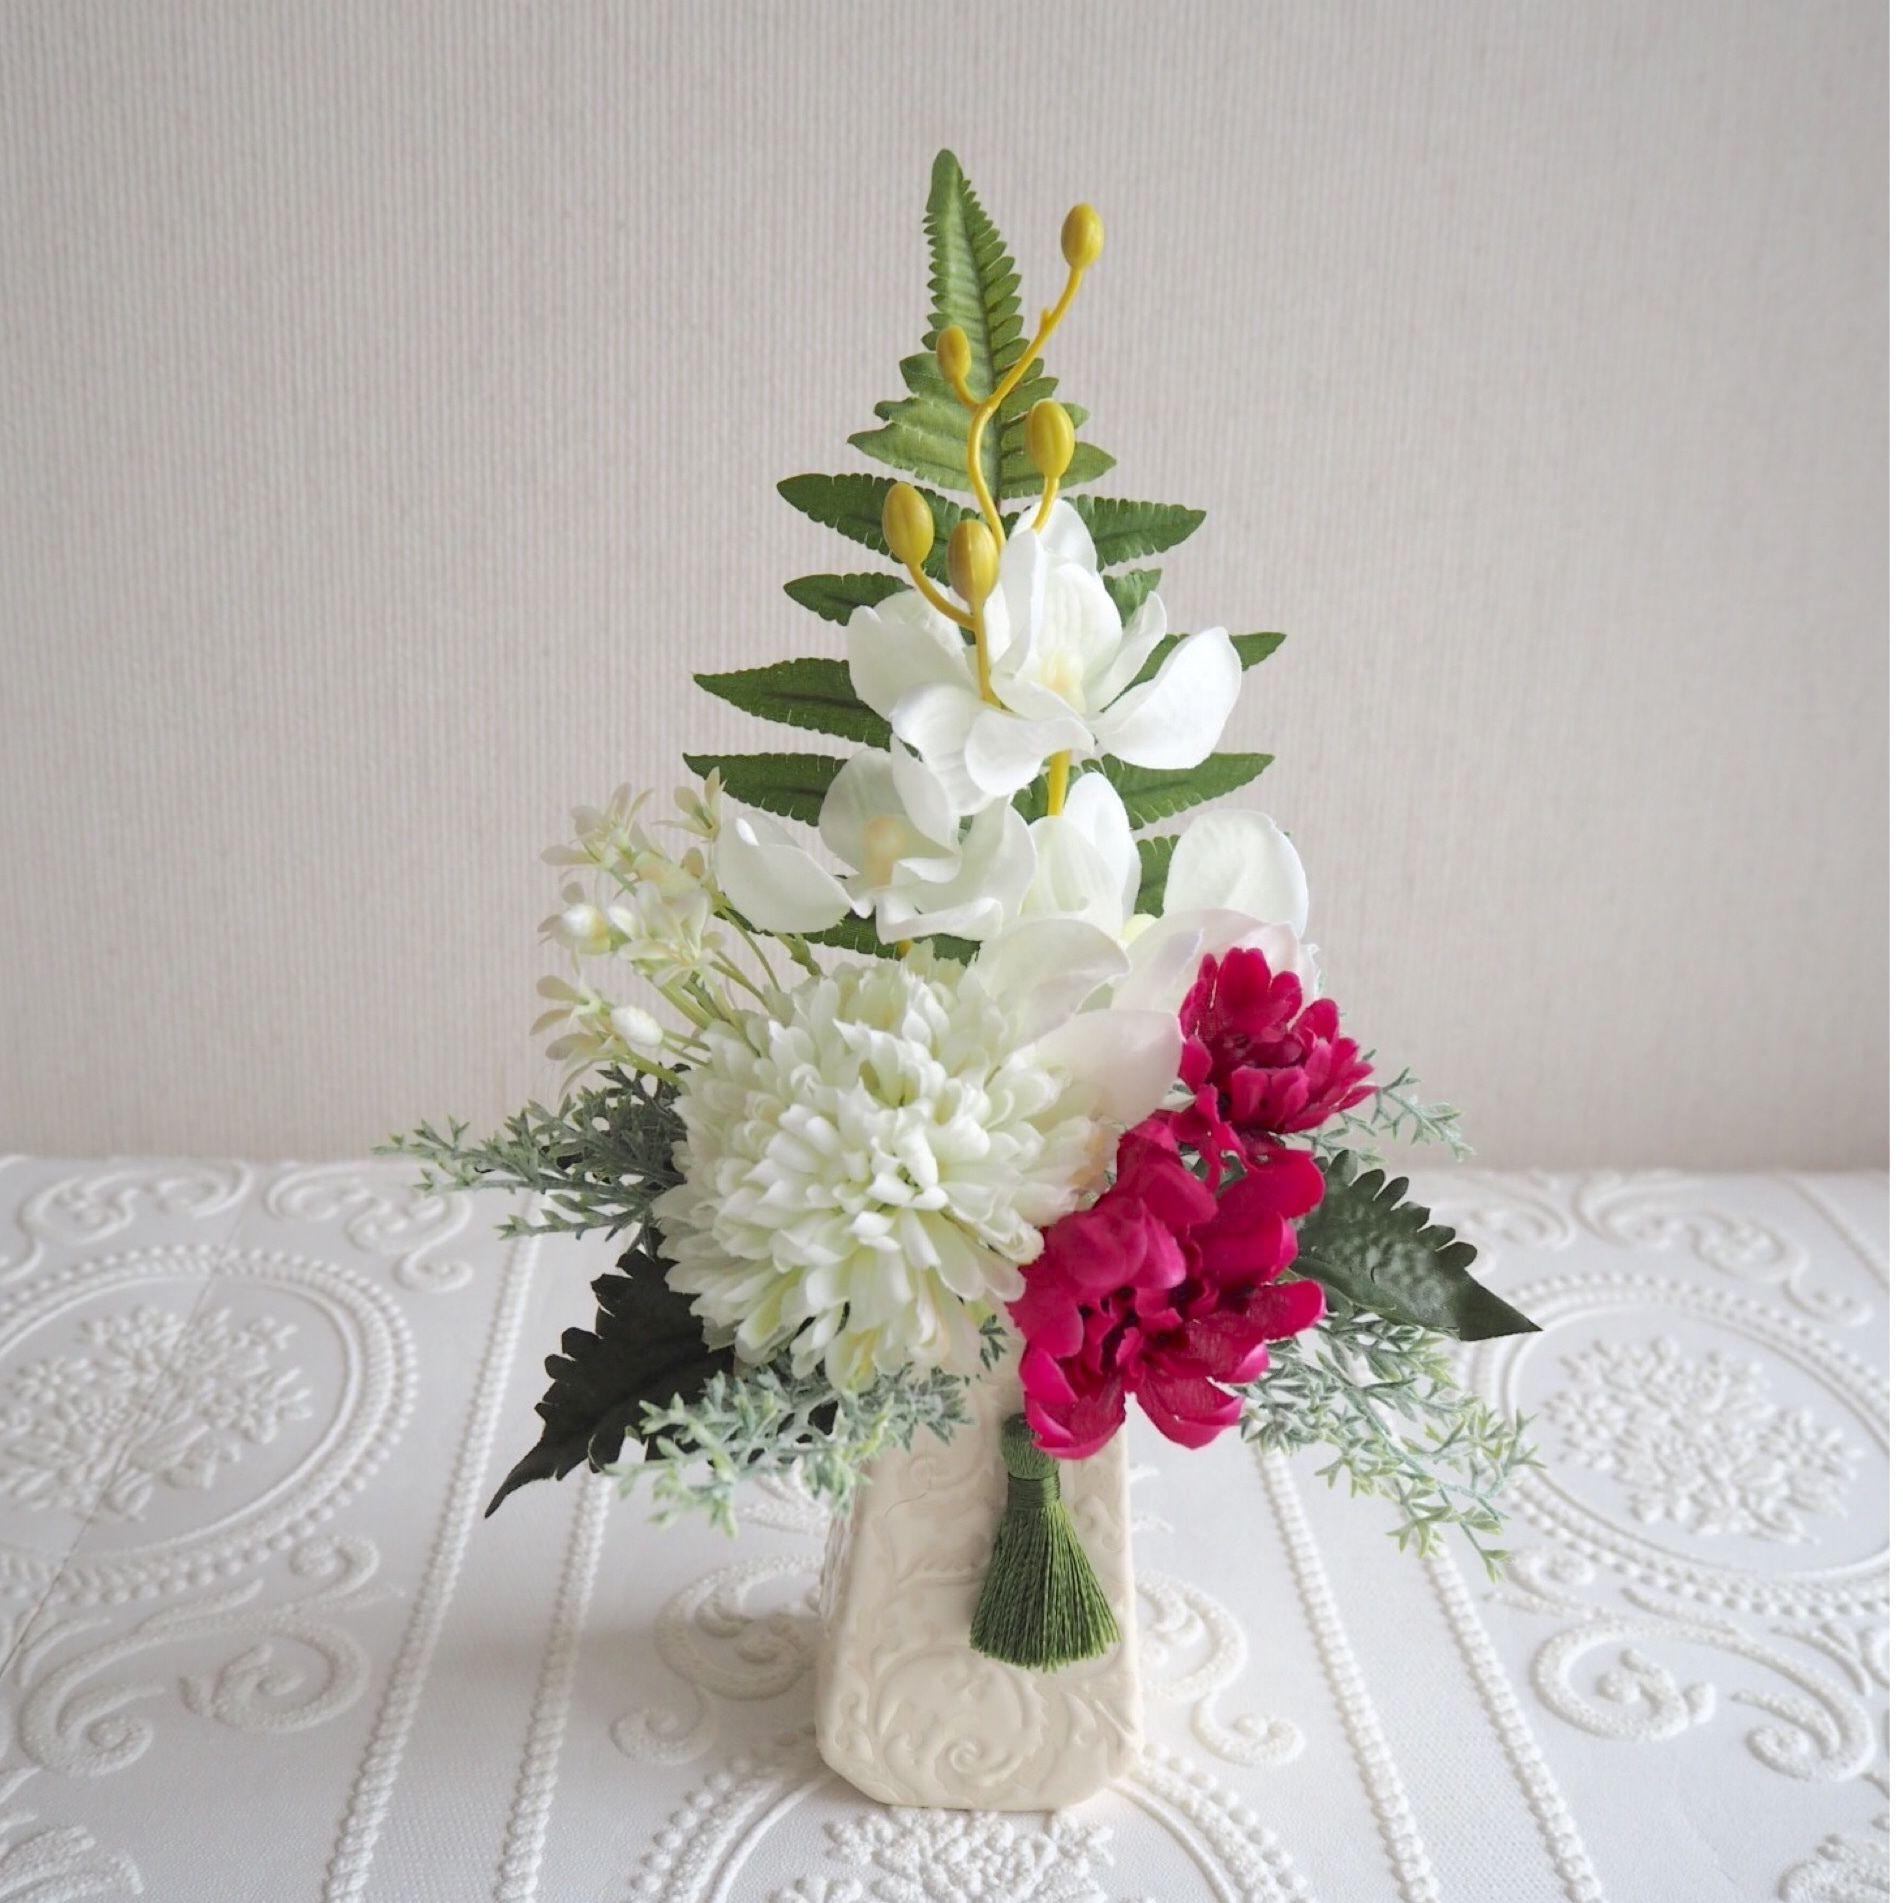 ●新作 お供え花【モダン 仏花 】気品 ホワイト &ガーネット *プレミアム舞花B34